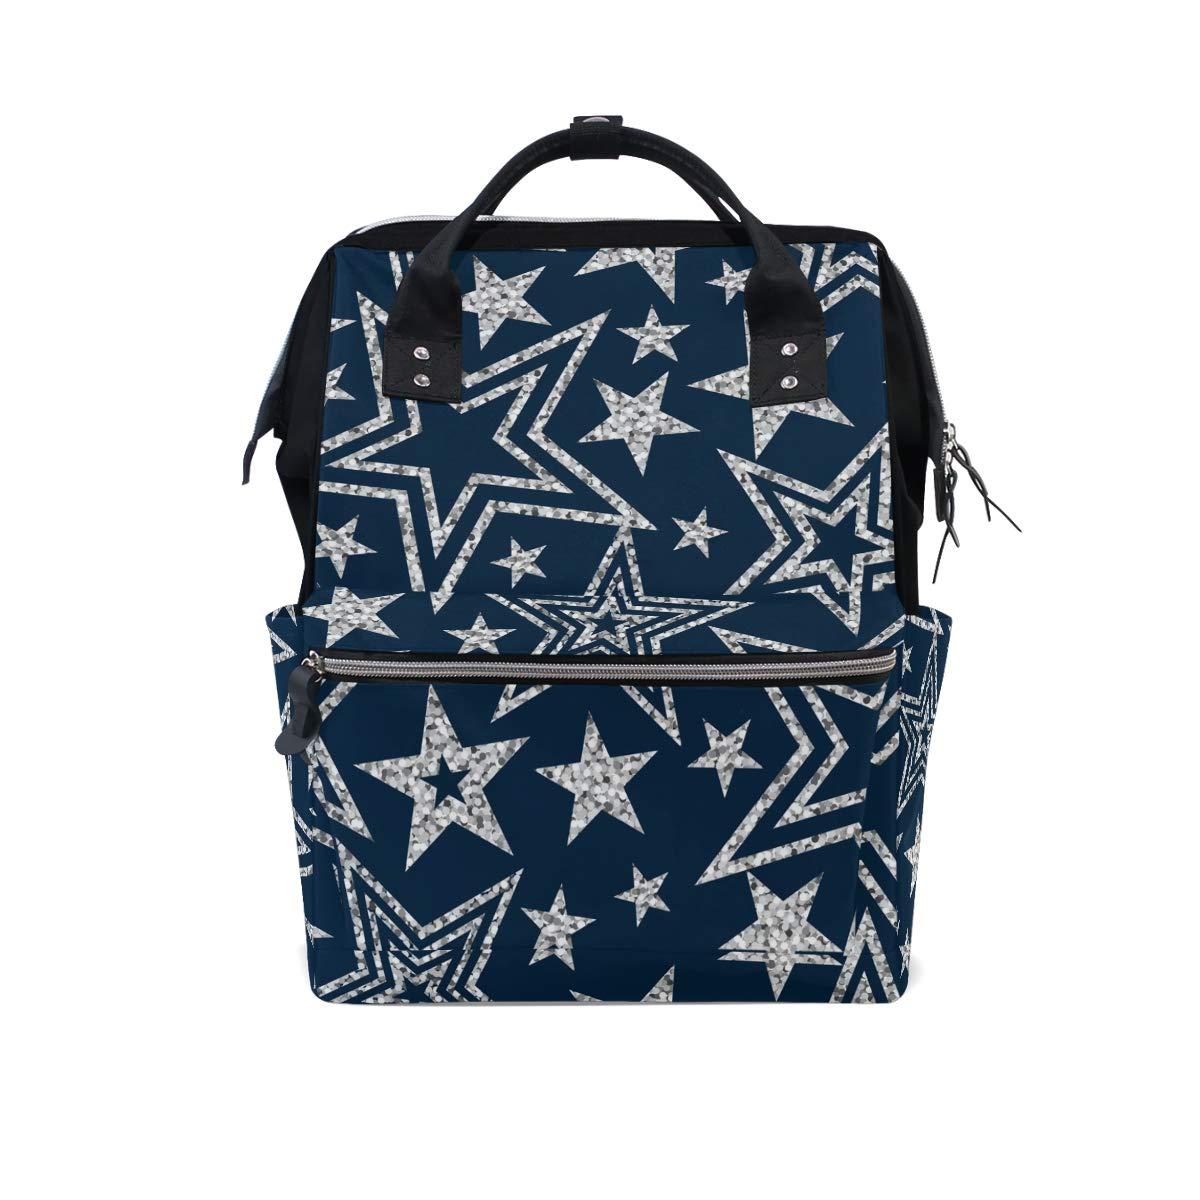 MERRYSUGAR Diaper Bag Backpack Vintage Stars Blue Baby Bag School Backpack Mommy Bag Large Multifunction Travel Bag